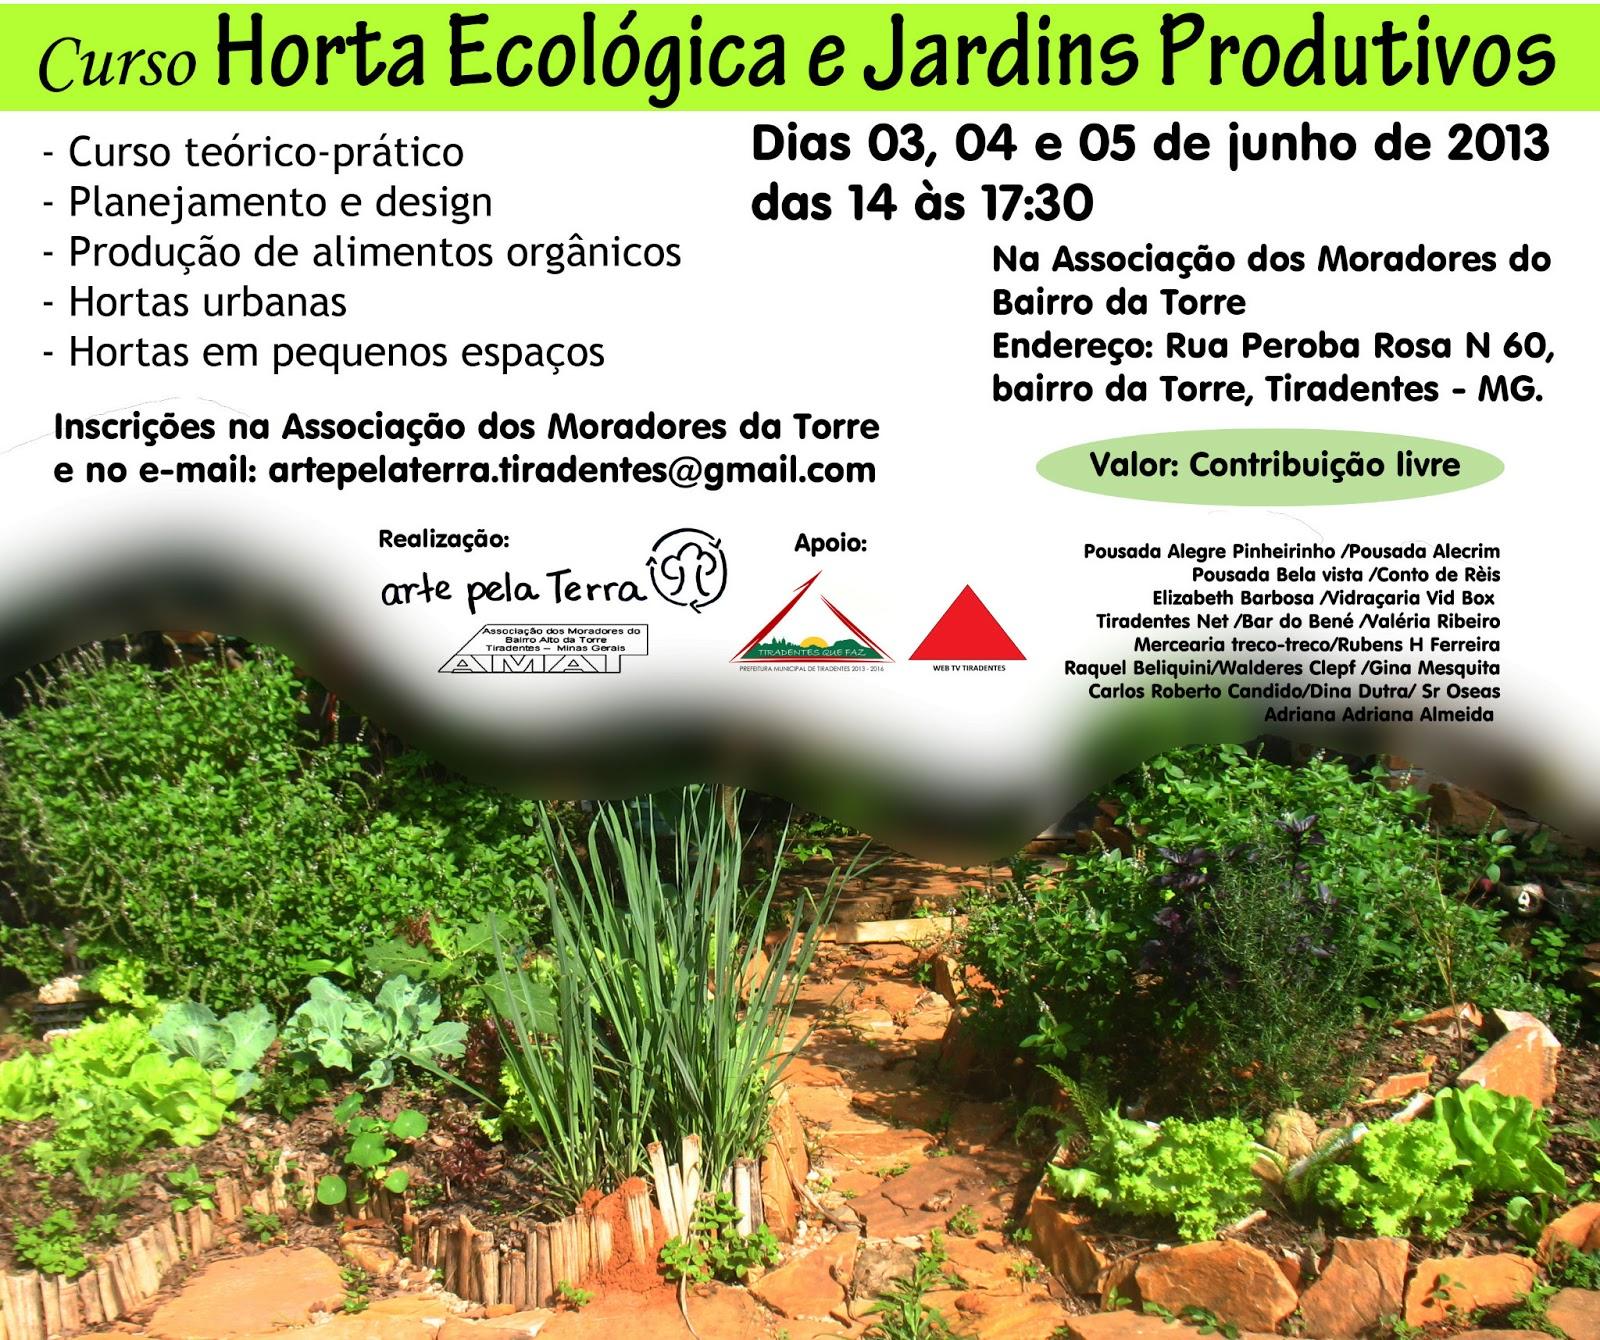 horta e jardim juntos:Patricia Martins: Curso Horta Ecológica e Jardins Produtivos